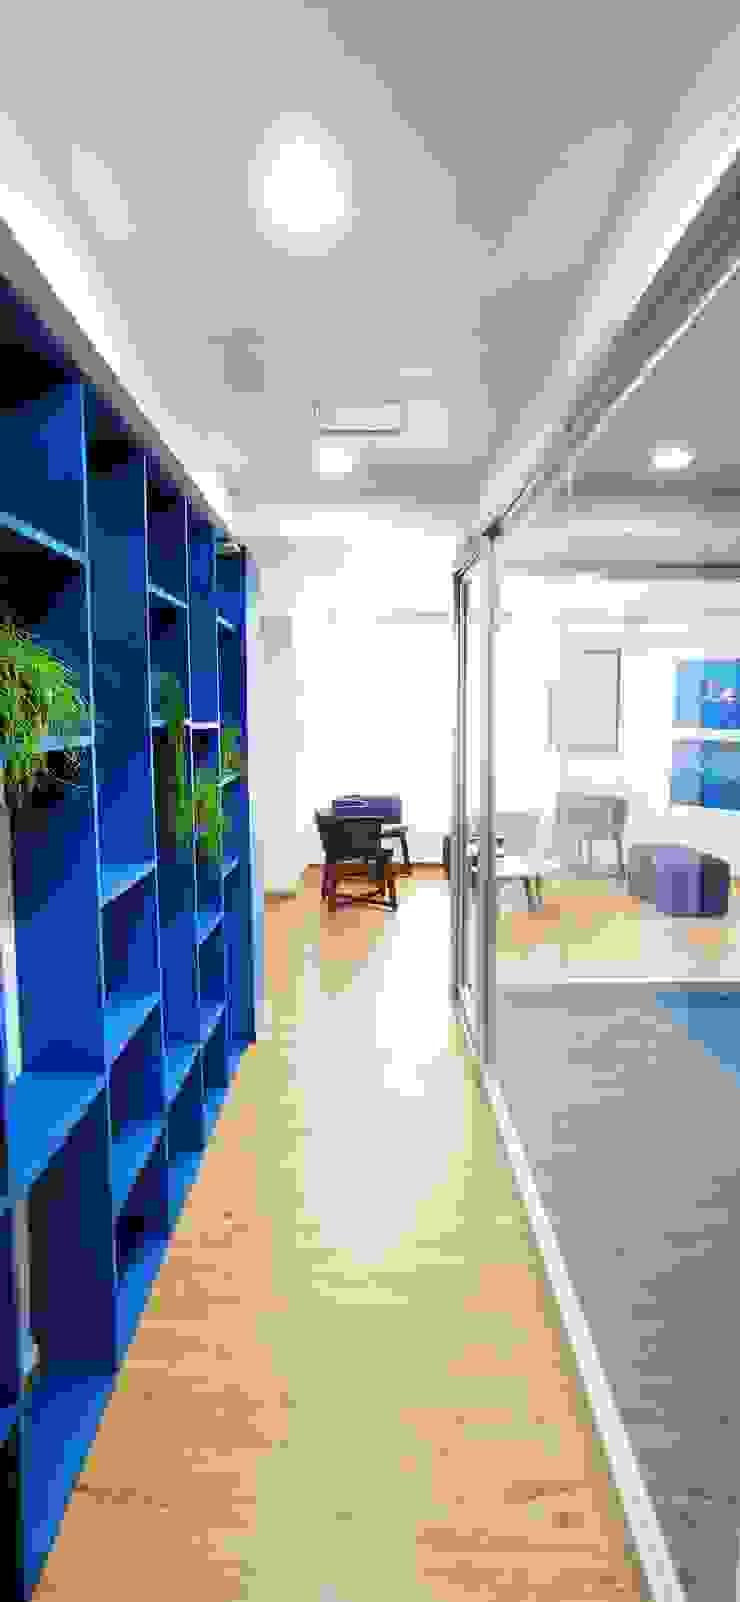 Proyecto OC Pasillos, halls y escaleras mediterráneos de Urbyarch Arquitectura / Diseño Mediterráneo